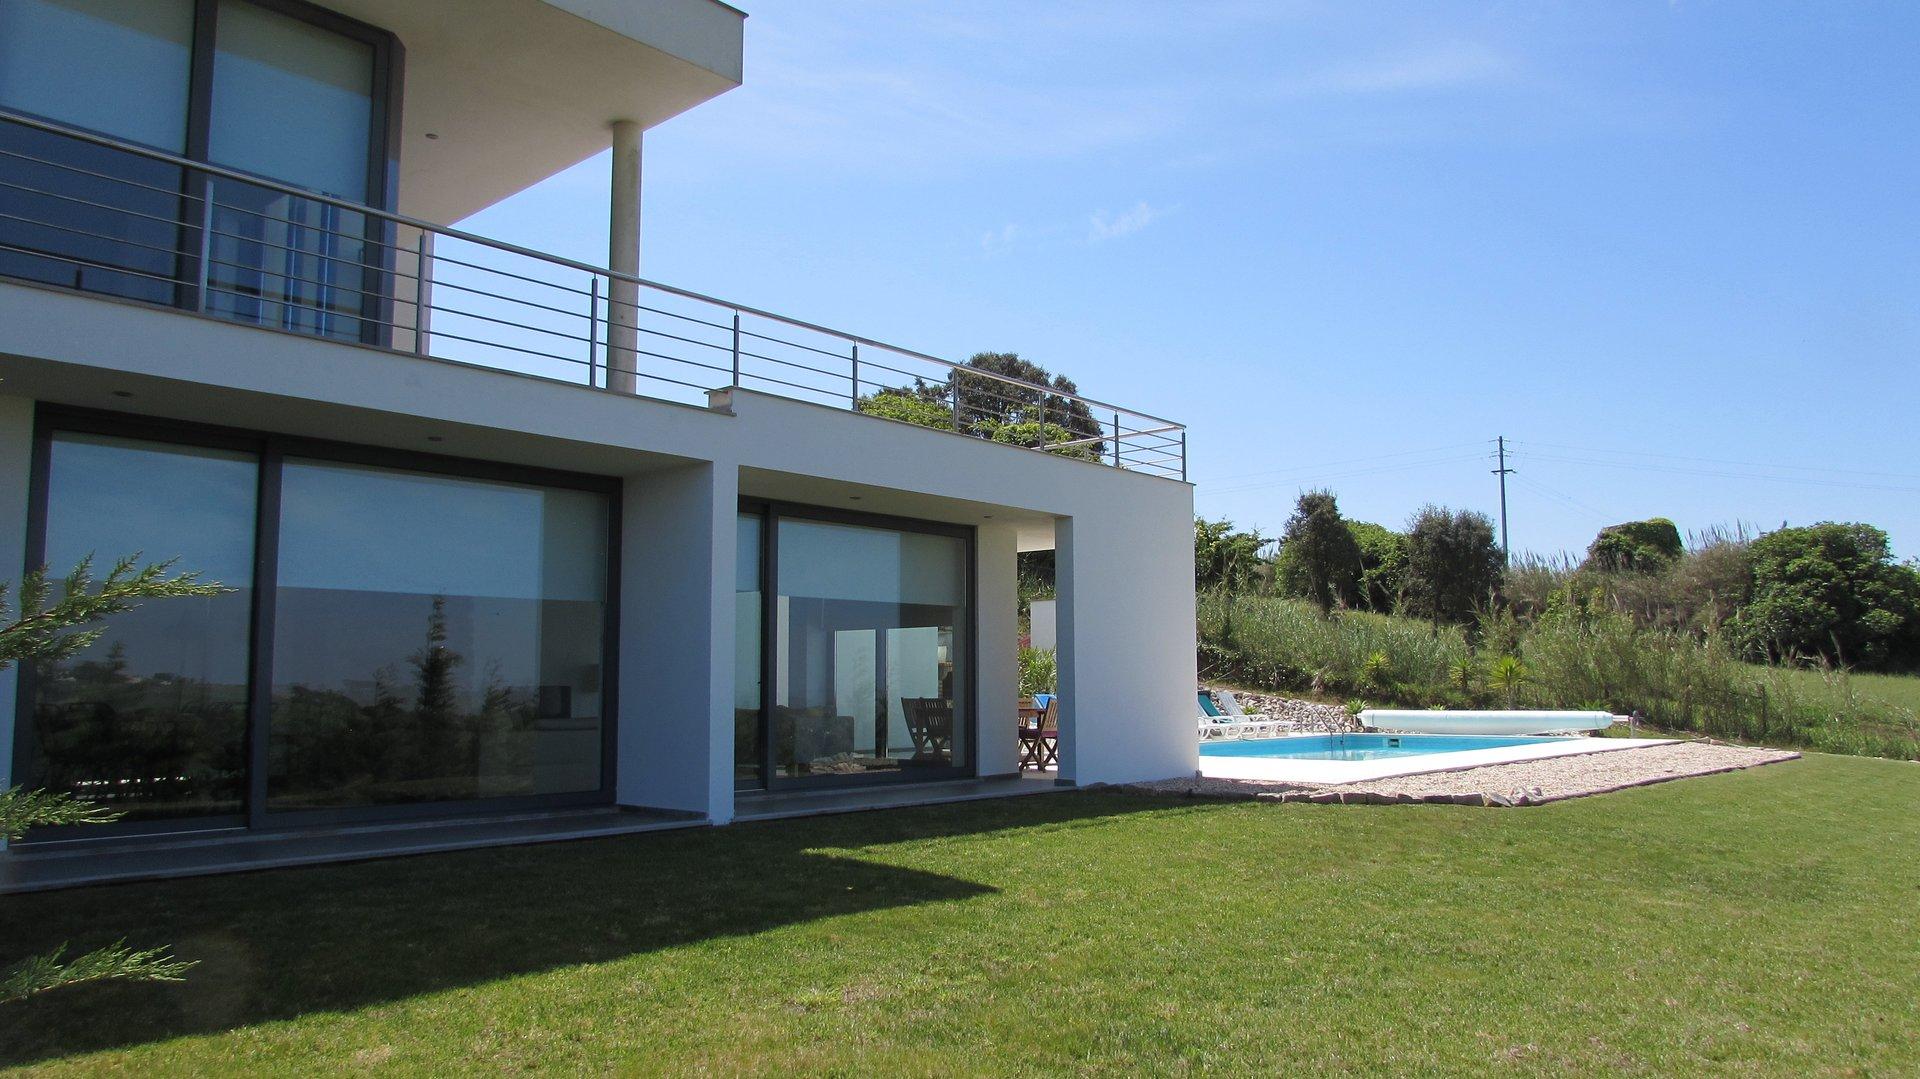 4 Bedroom Villa Bombarral, Silver Coast Ref: AV1976